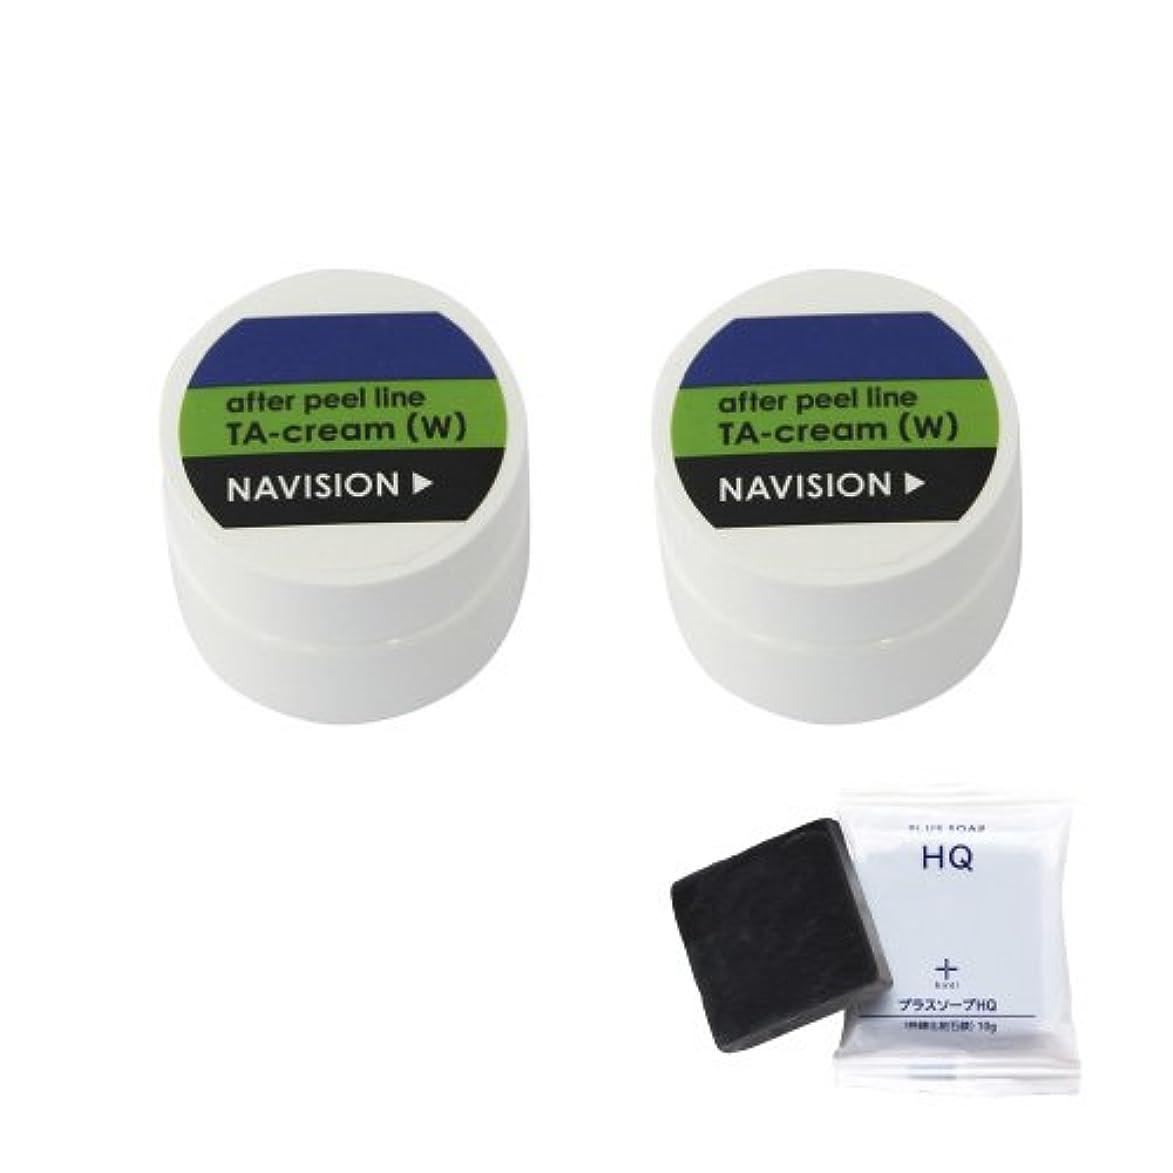 黒くする病弱化合物ナビジョン NAVISION TAクリーム(W)(医薬部外品) (2個+ミニソープセット)